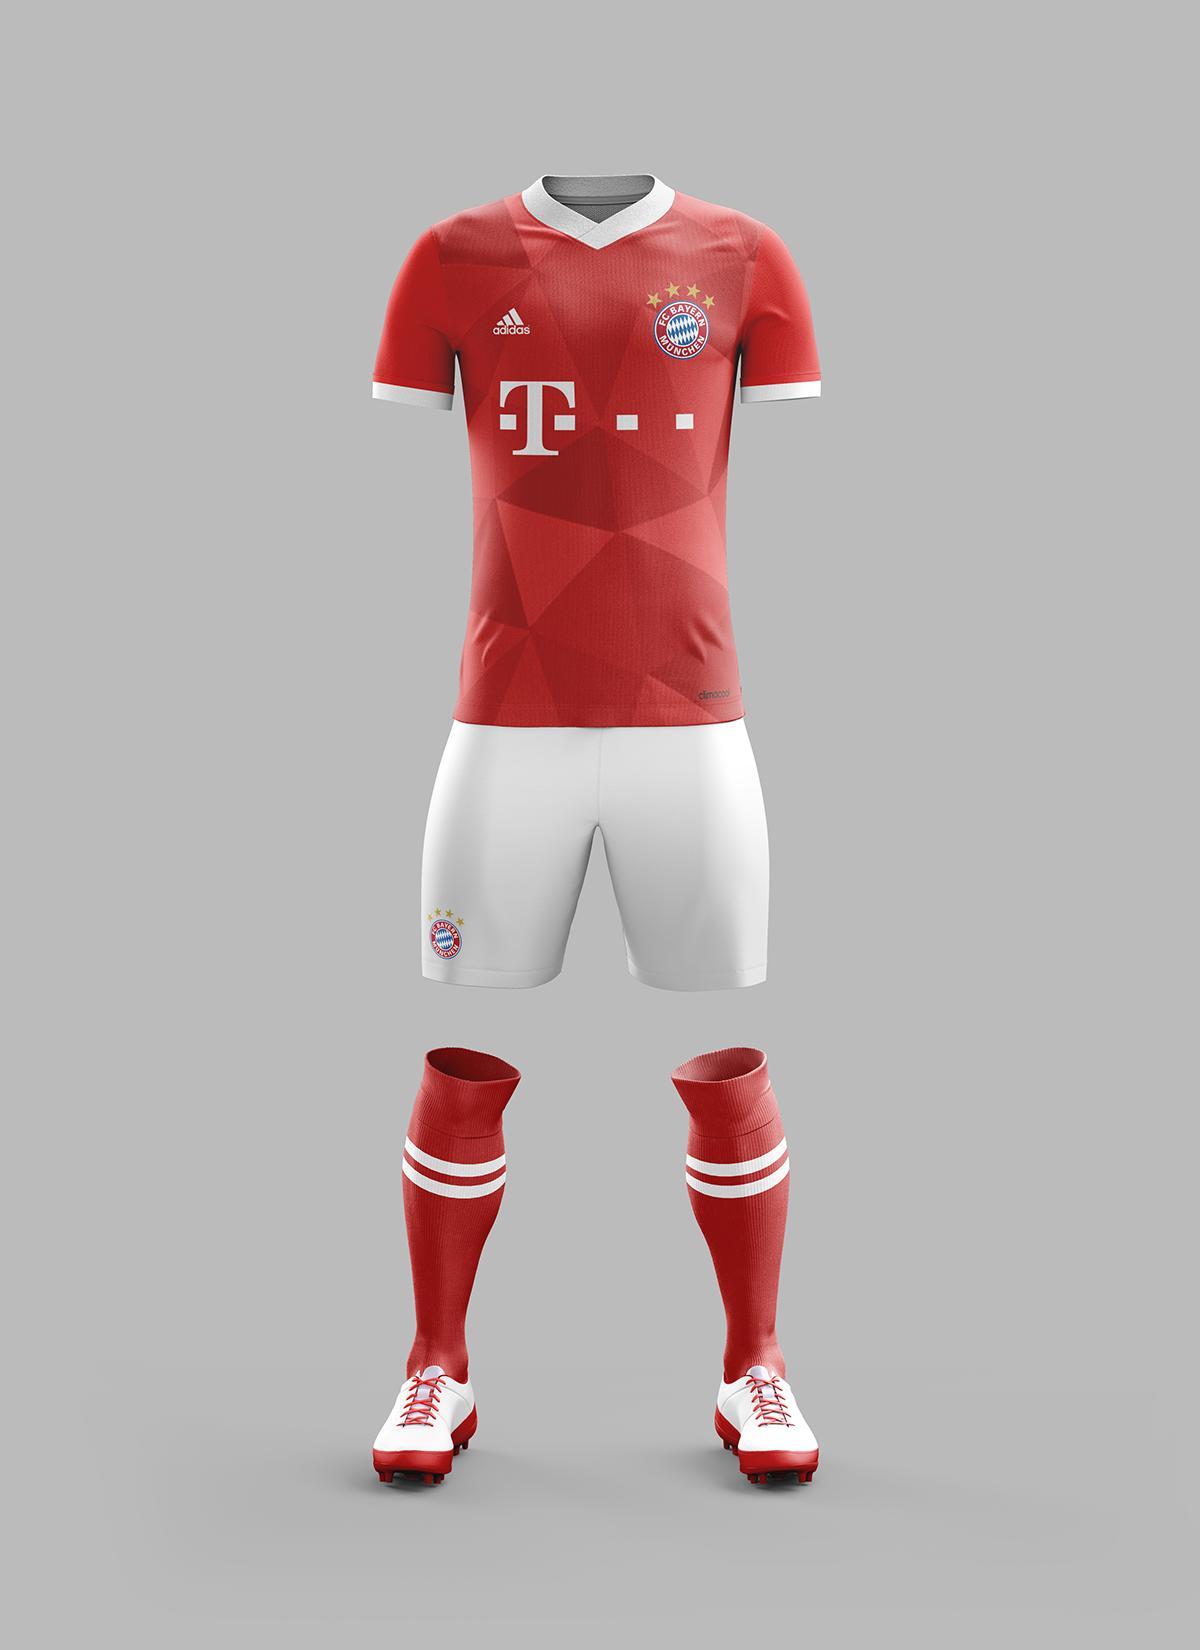 d6a5d89c243 Bayern Munich Home Kit Concept - 2017-2018 Season on Behance ...